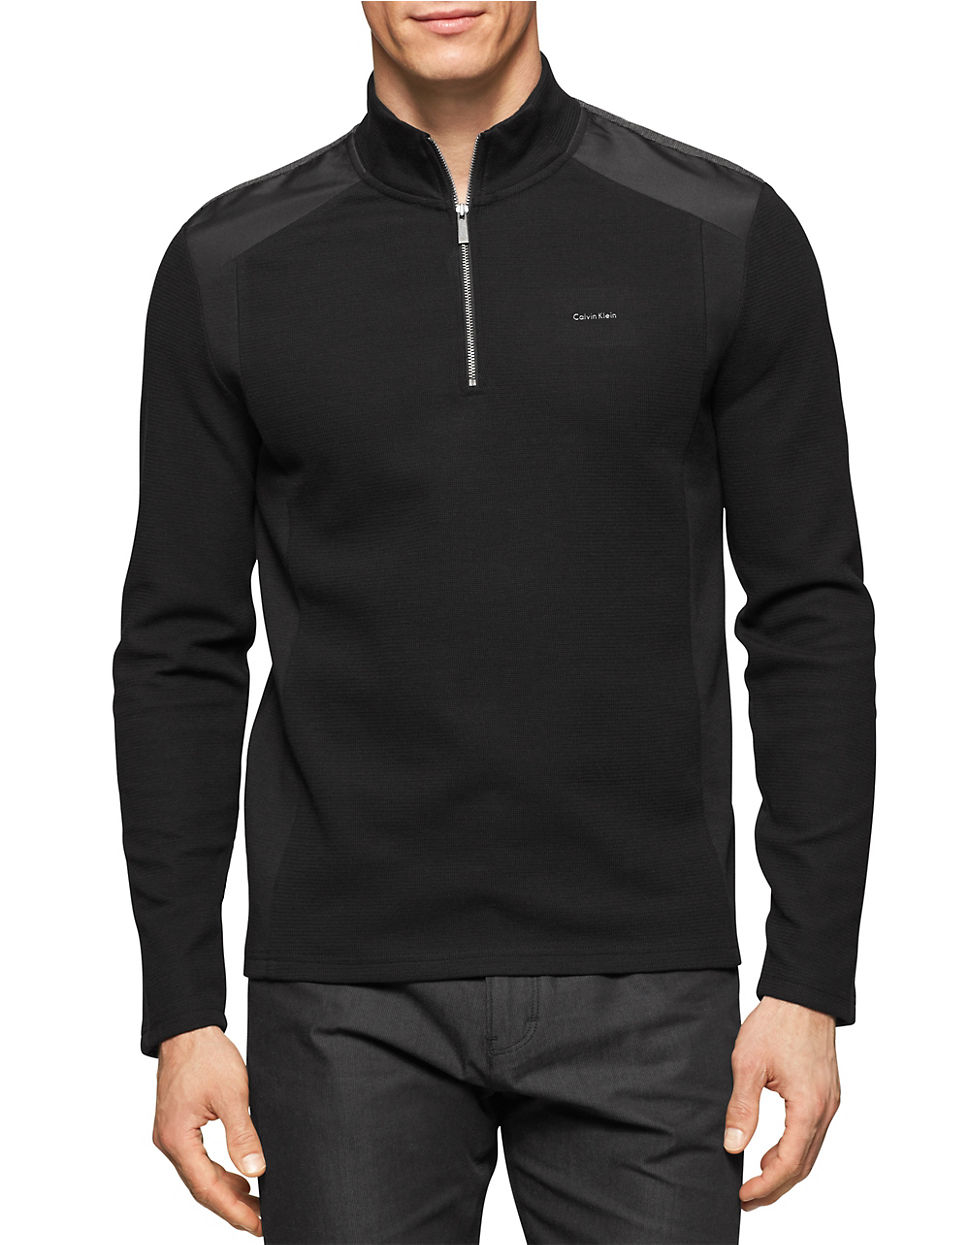 calvin klein quarter zip pullover sweater in black for men. Black Bedroom Furniture Sets. Home Design Ideas